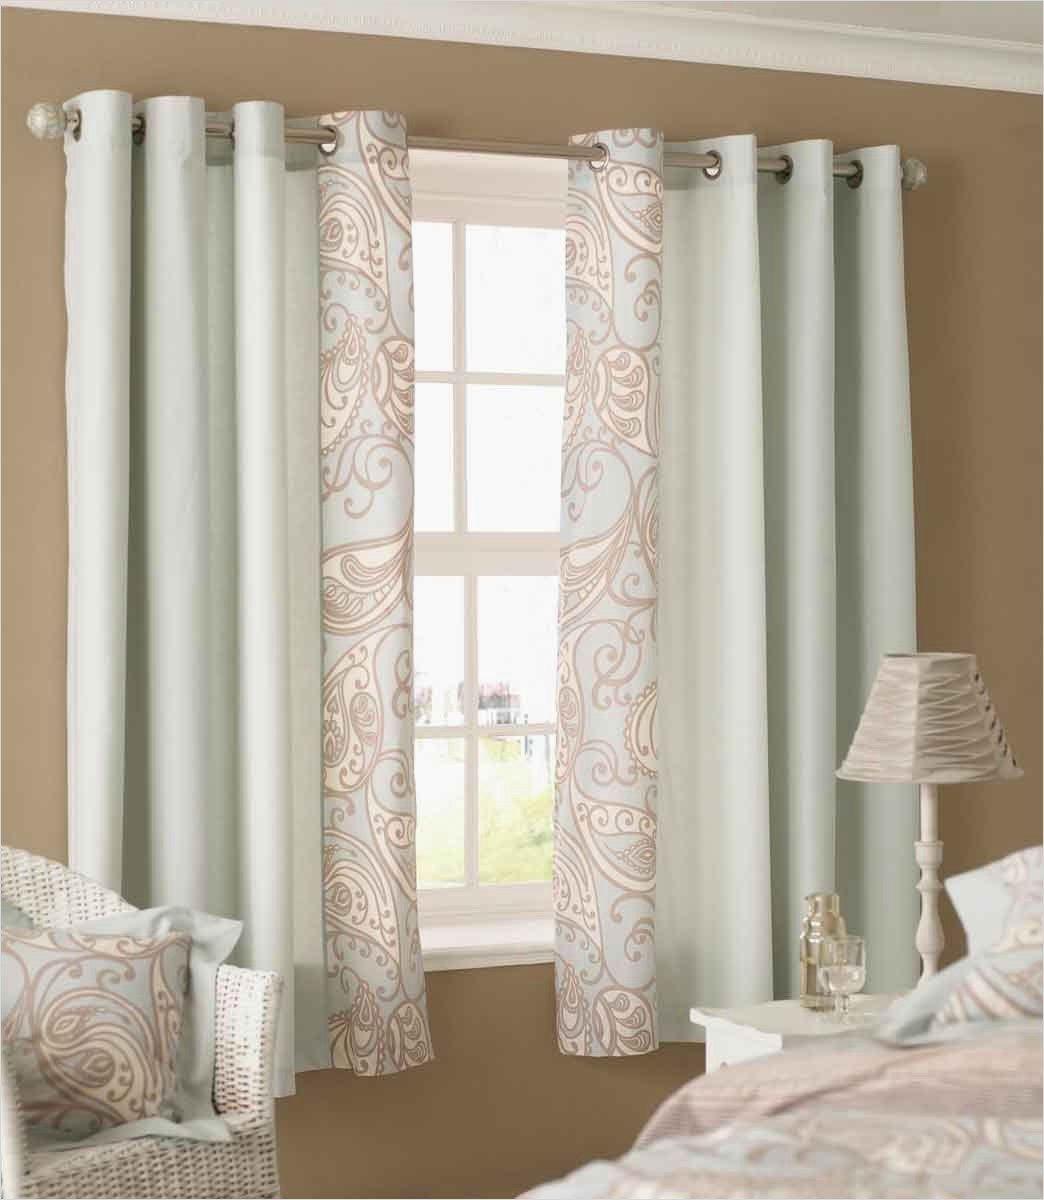 Simple living room curtain ideas smallbedroomcurtains